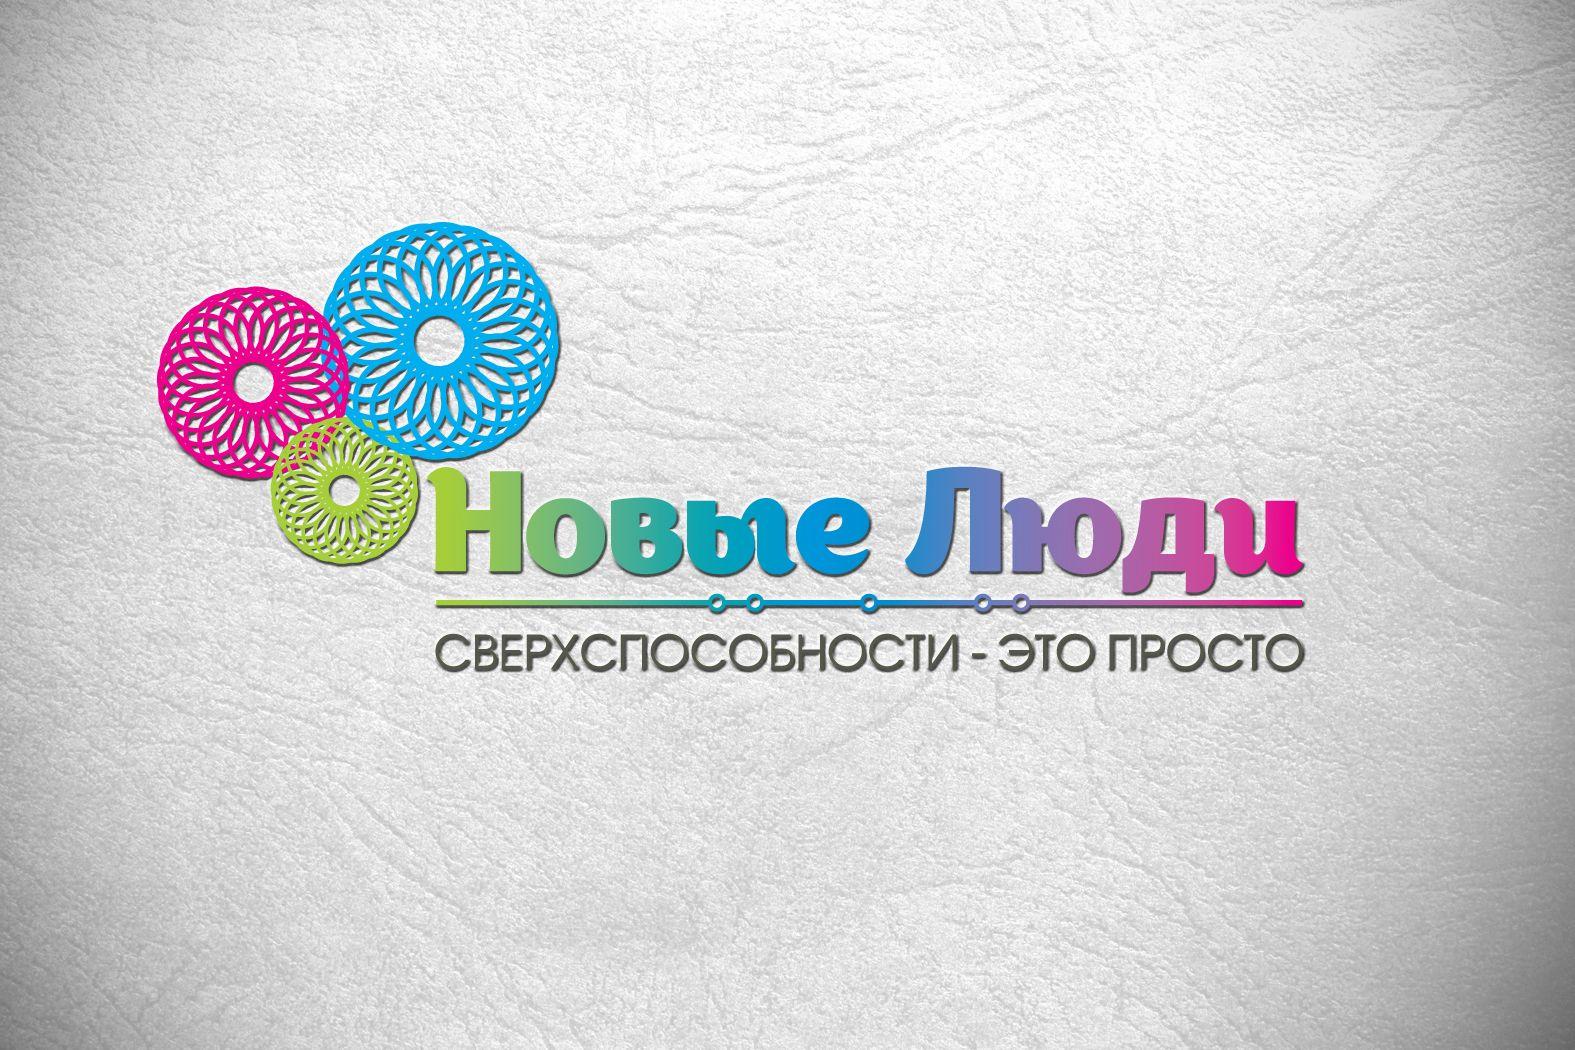 Лого и стиль тренингового центра/системы знаний - дизайнер Mini_kleopatra